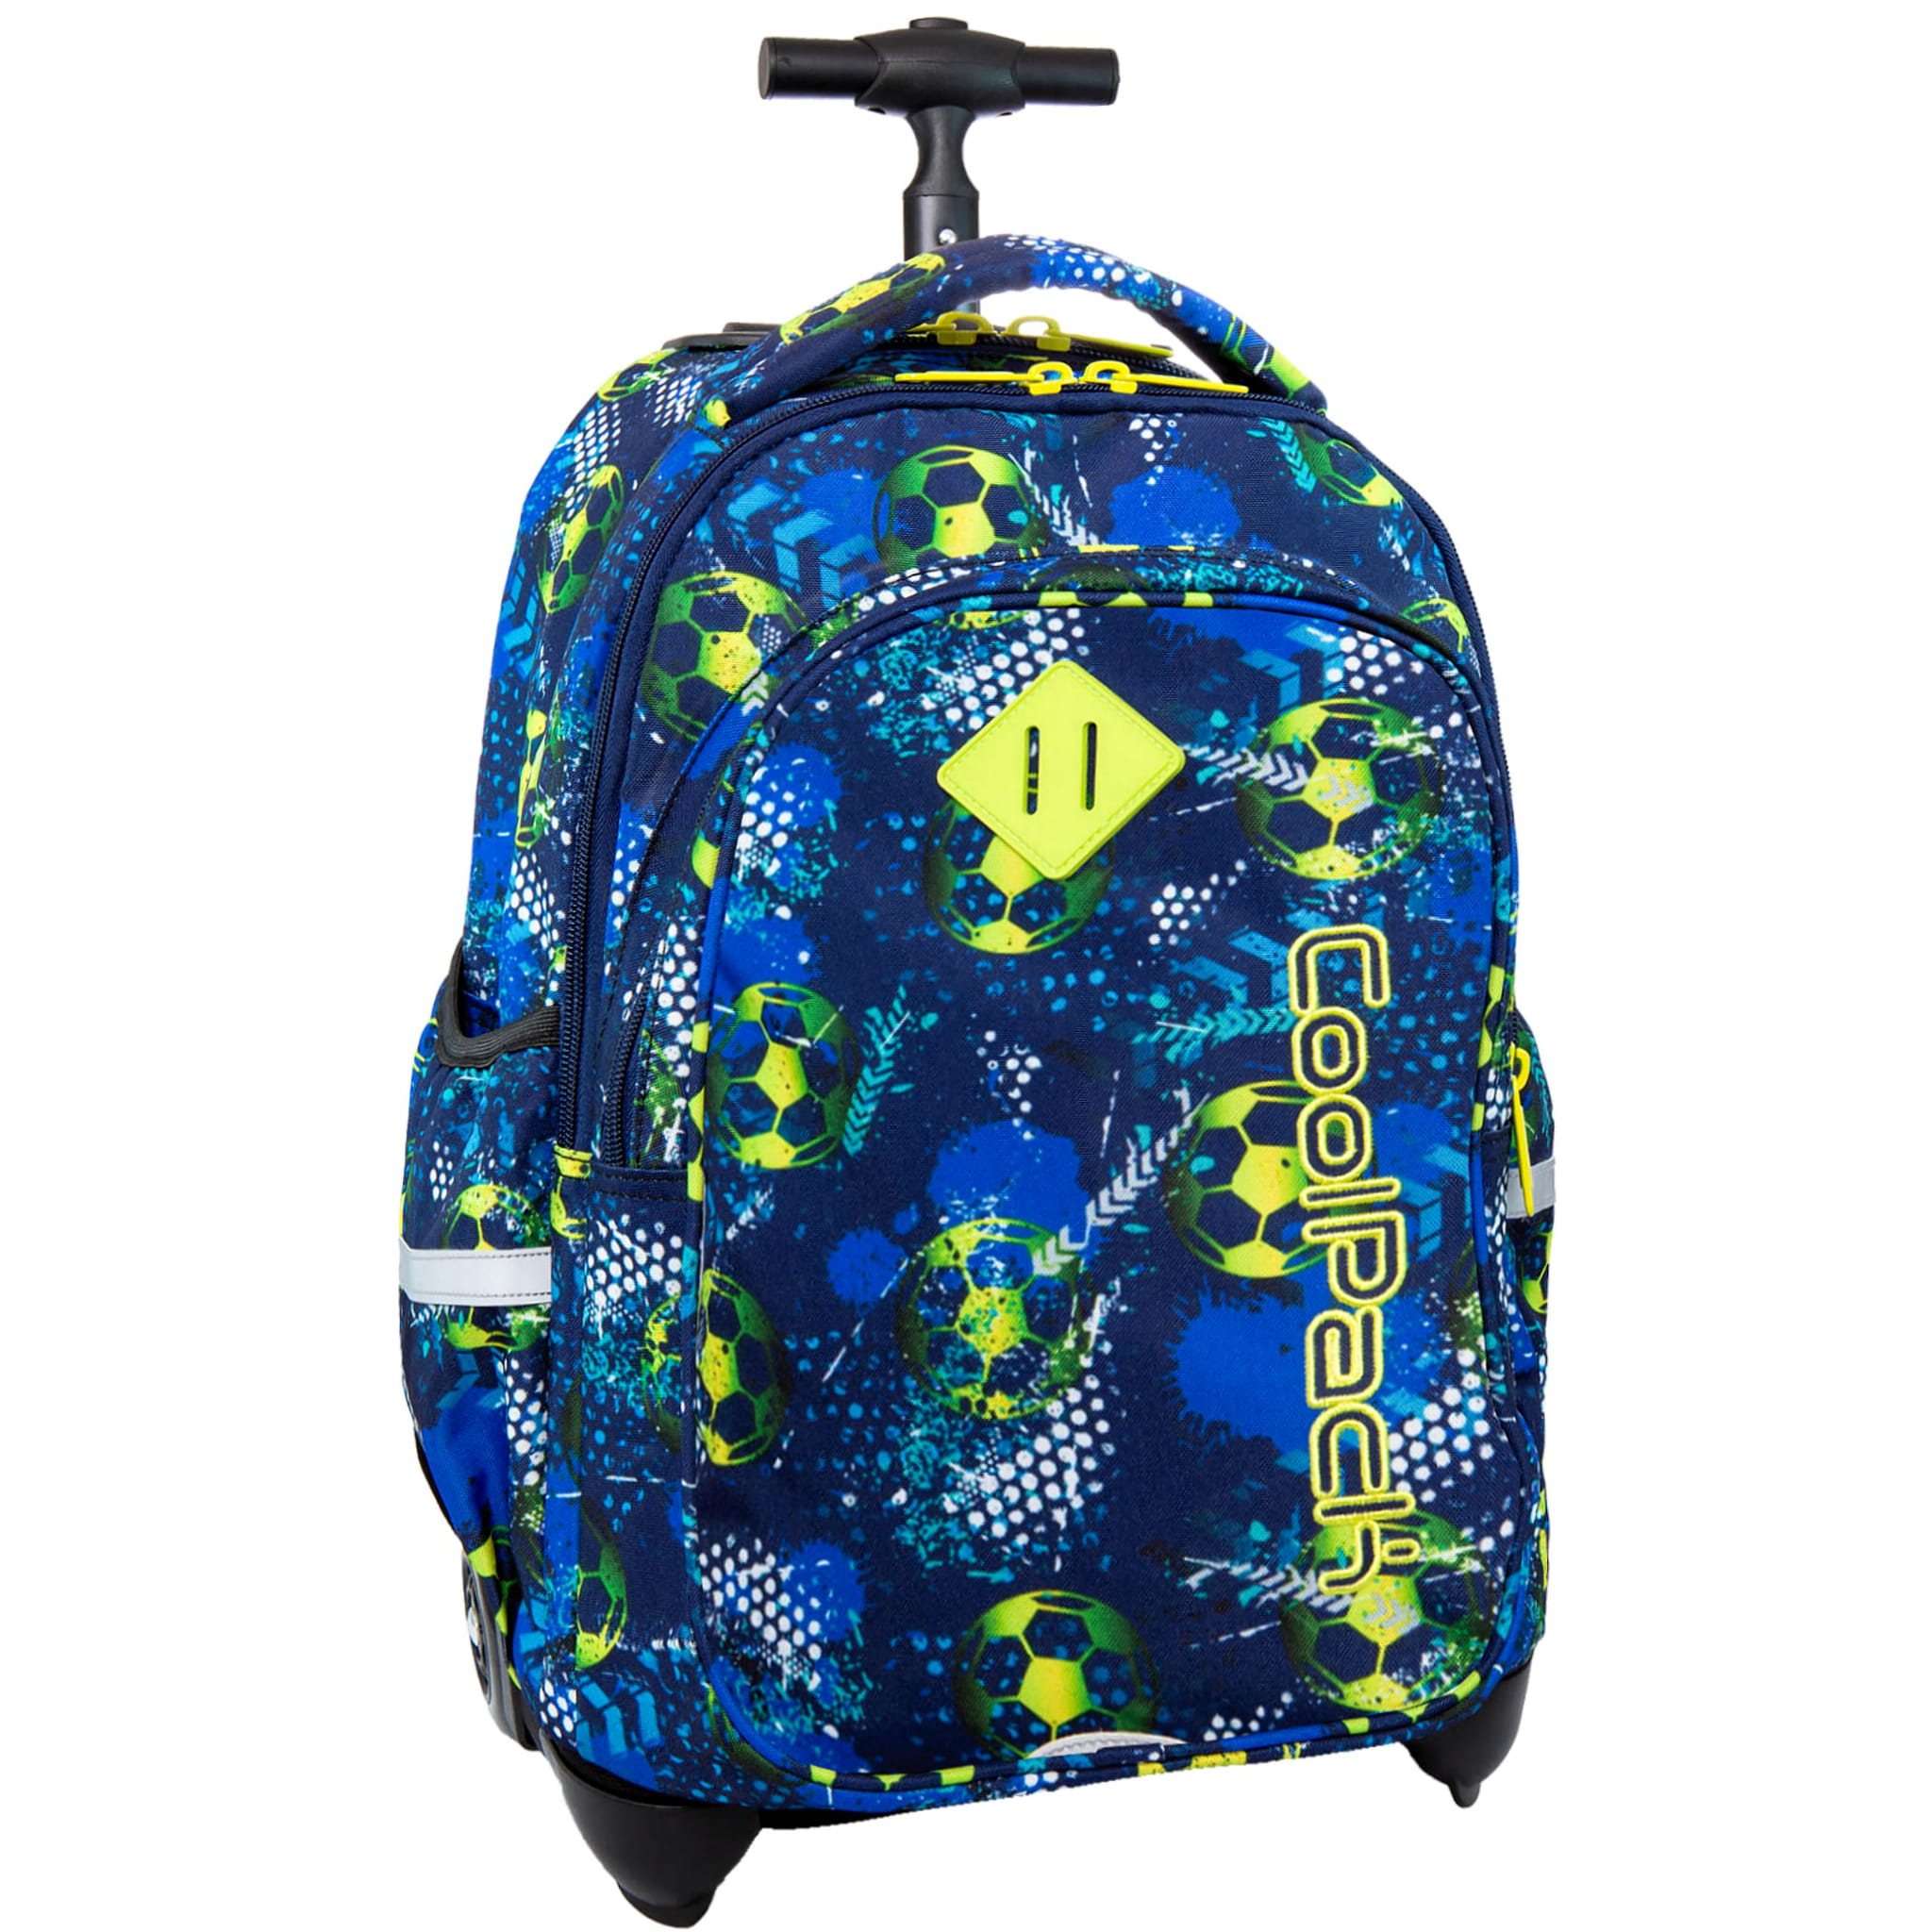 e7ef967d93dbe CoolPack FOOTBALL BLUE Junior 34l plecak szkolny na kółkach piłka nożna  B28037. FOOTBALL - 1.jpg. nowość. FOOTBALL - 1.jpg  FOOTBALL - 2.jpg ...